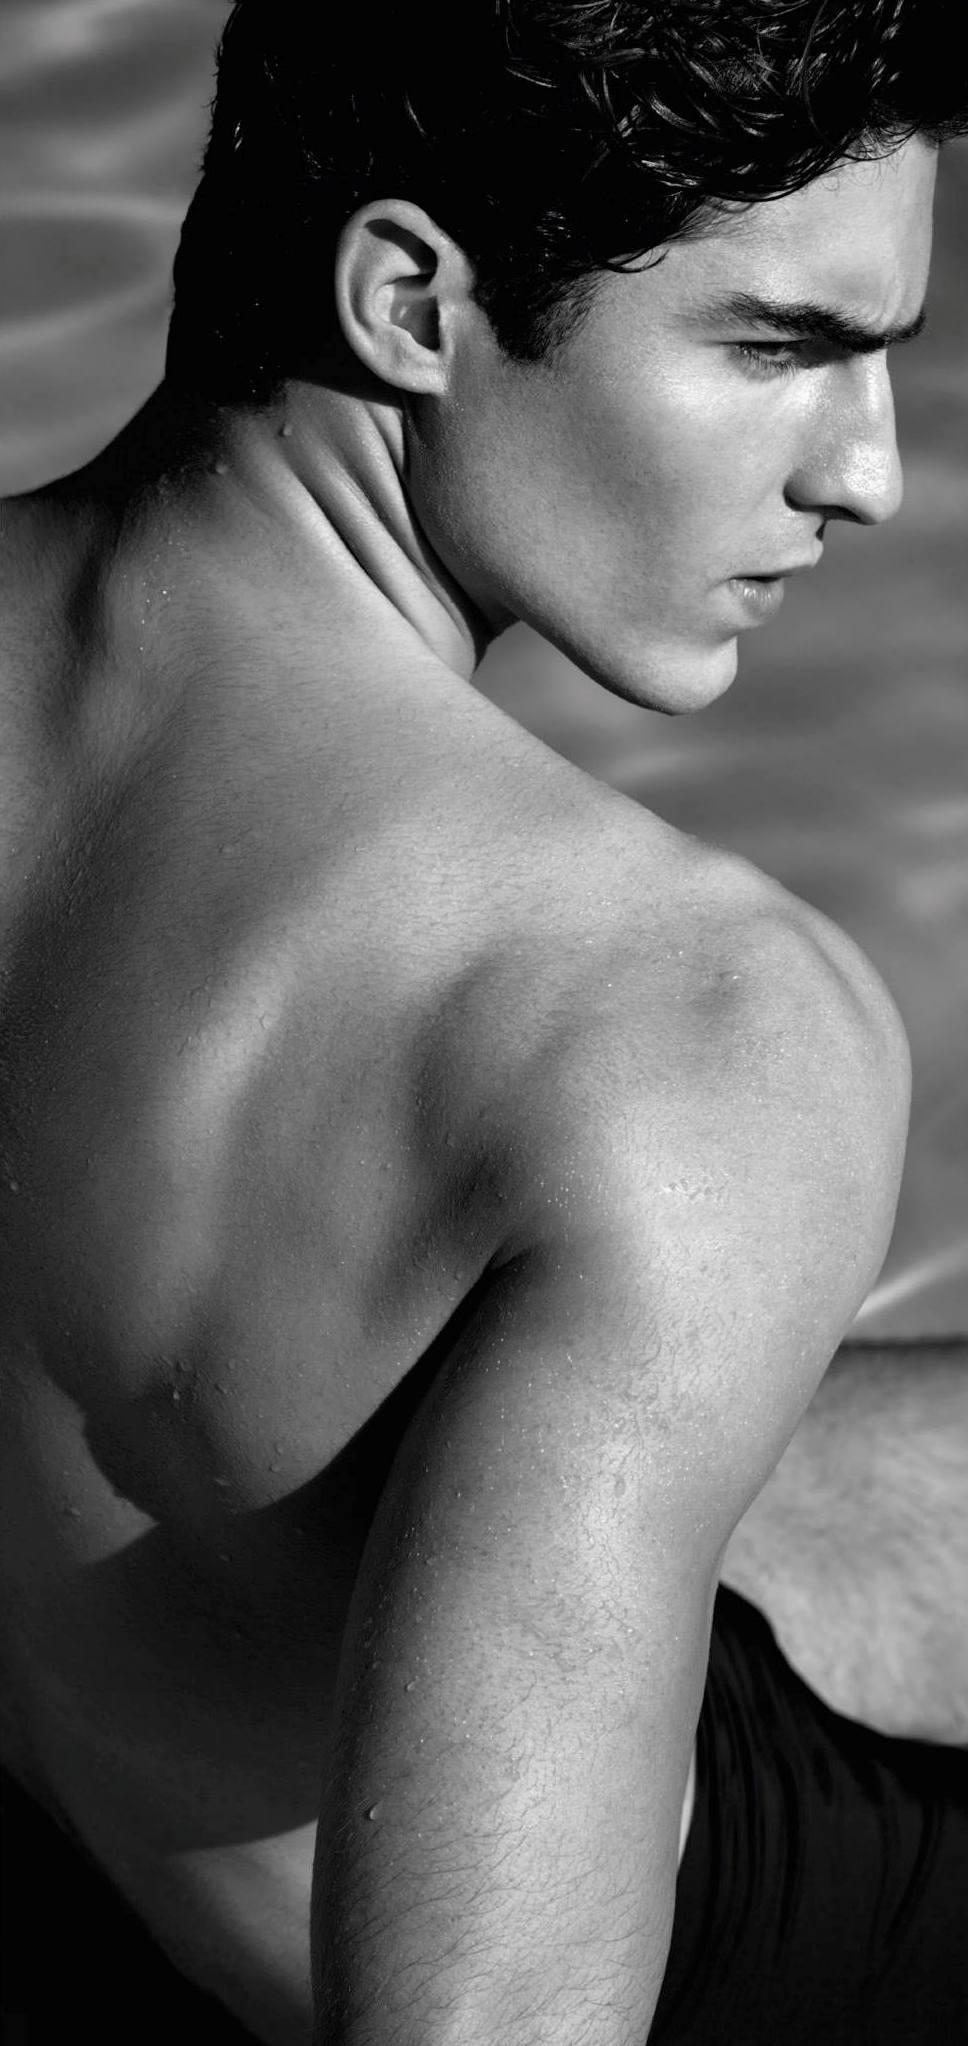 Germaine de Capuccini Pflegeprodukte. For Men, speziell für die Bedürfnisse der Männerhaut entwickelt. Anti-Aging- und Feuchtigkeits-Pflege, Reinigung und Rasur, Anti Stress Pflege, Fragrance Parfum. Exklusiv erhältlich bei Sphinx Design Kosmetikstudio Simone Burghard in CH-8371 Busswil TG bei Wil